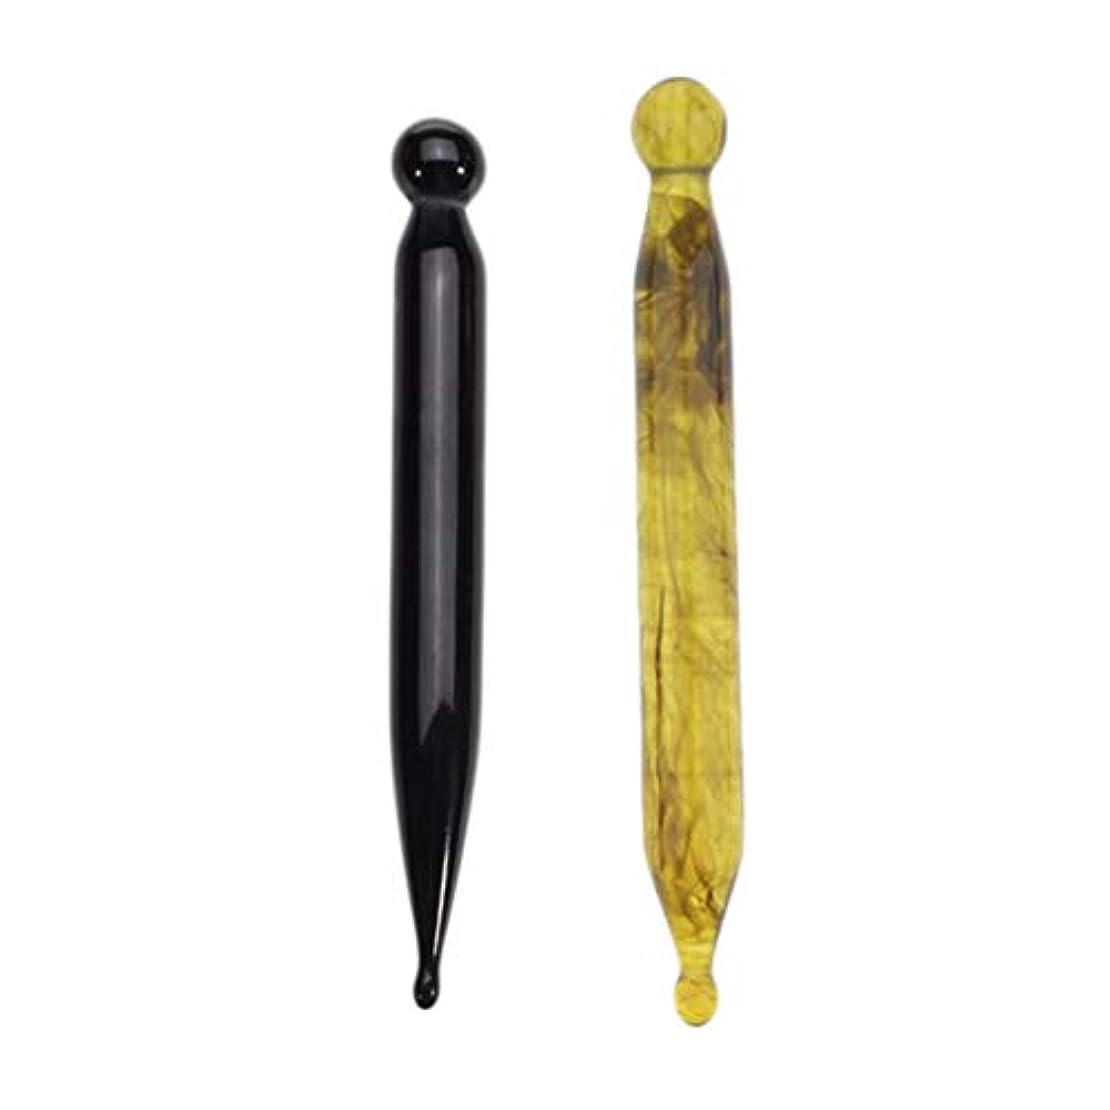 同一性時期尚早エキスパートdailymall 2本の伝統的なリフレクソロジーハンド&フットマッサージツール、樹脂ツボストーンスティック、グアシャスクレイピングマッサージャートリガーポイントマッサージ